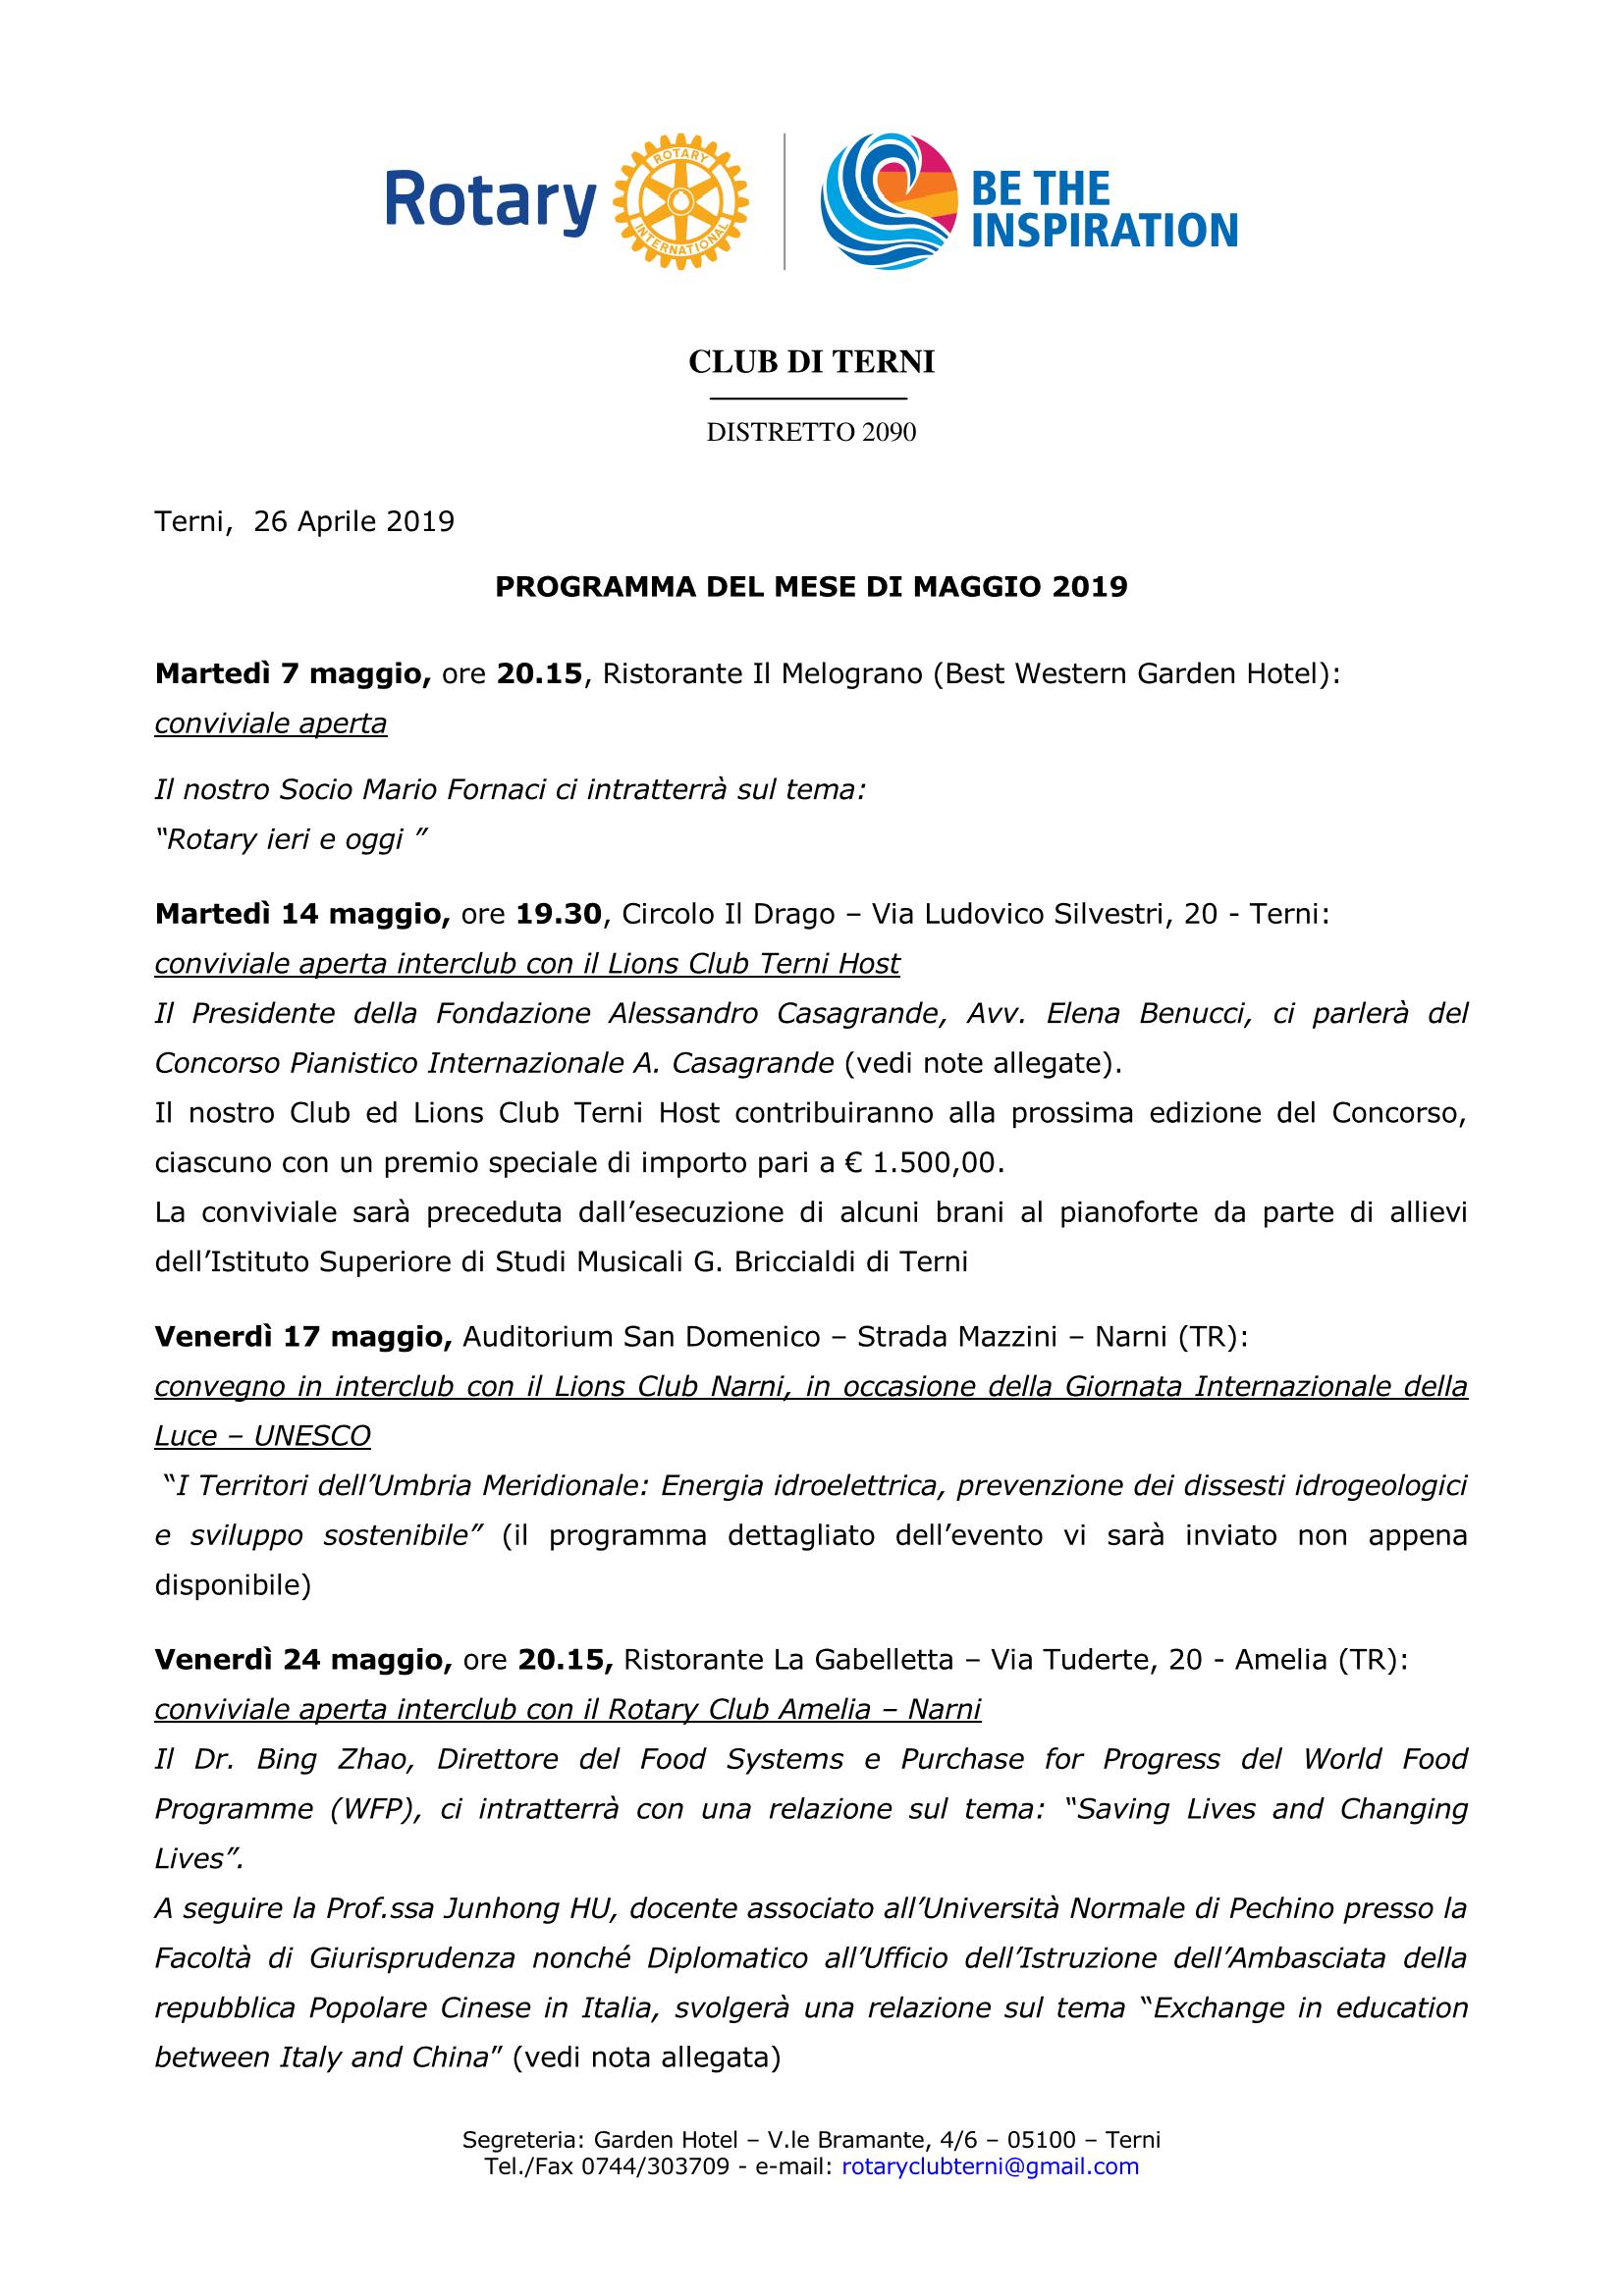 2019_05-RC Terni-Programma Maggio 2019_Page_1